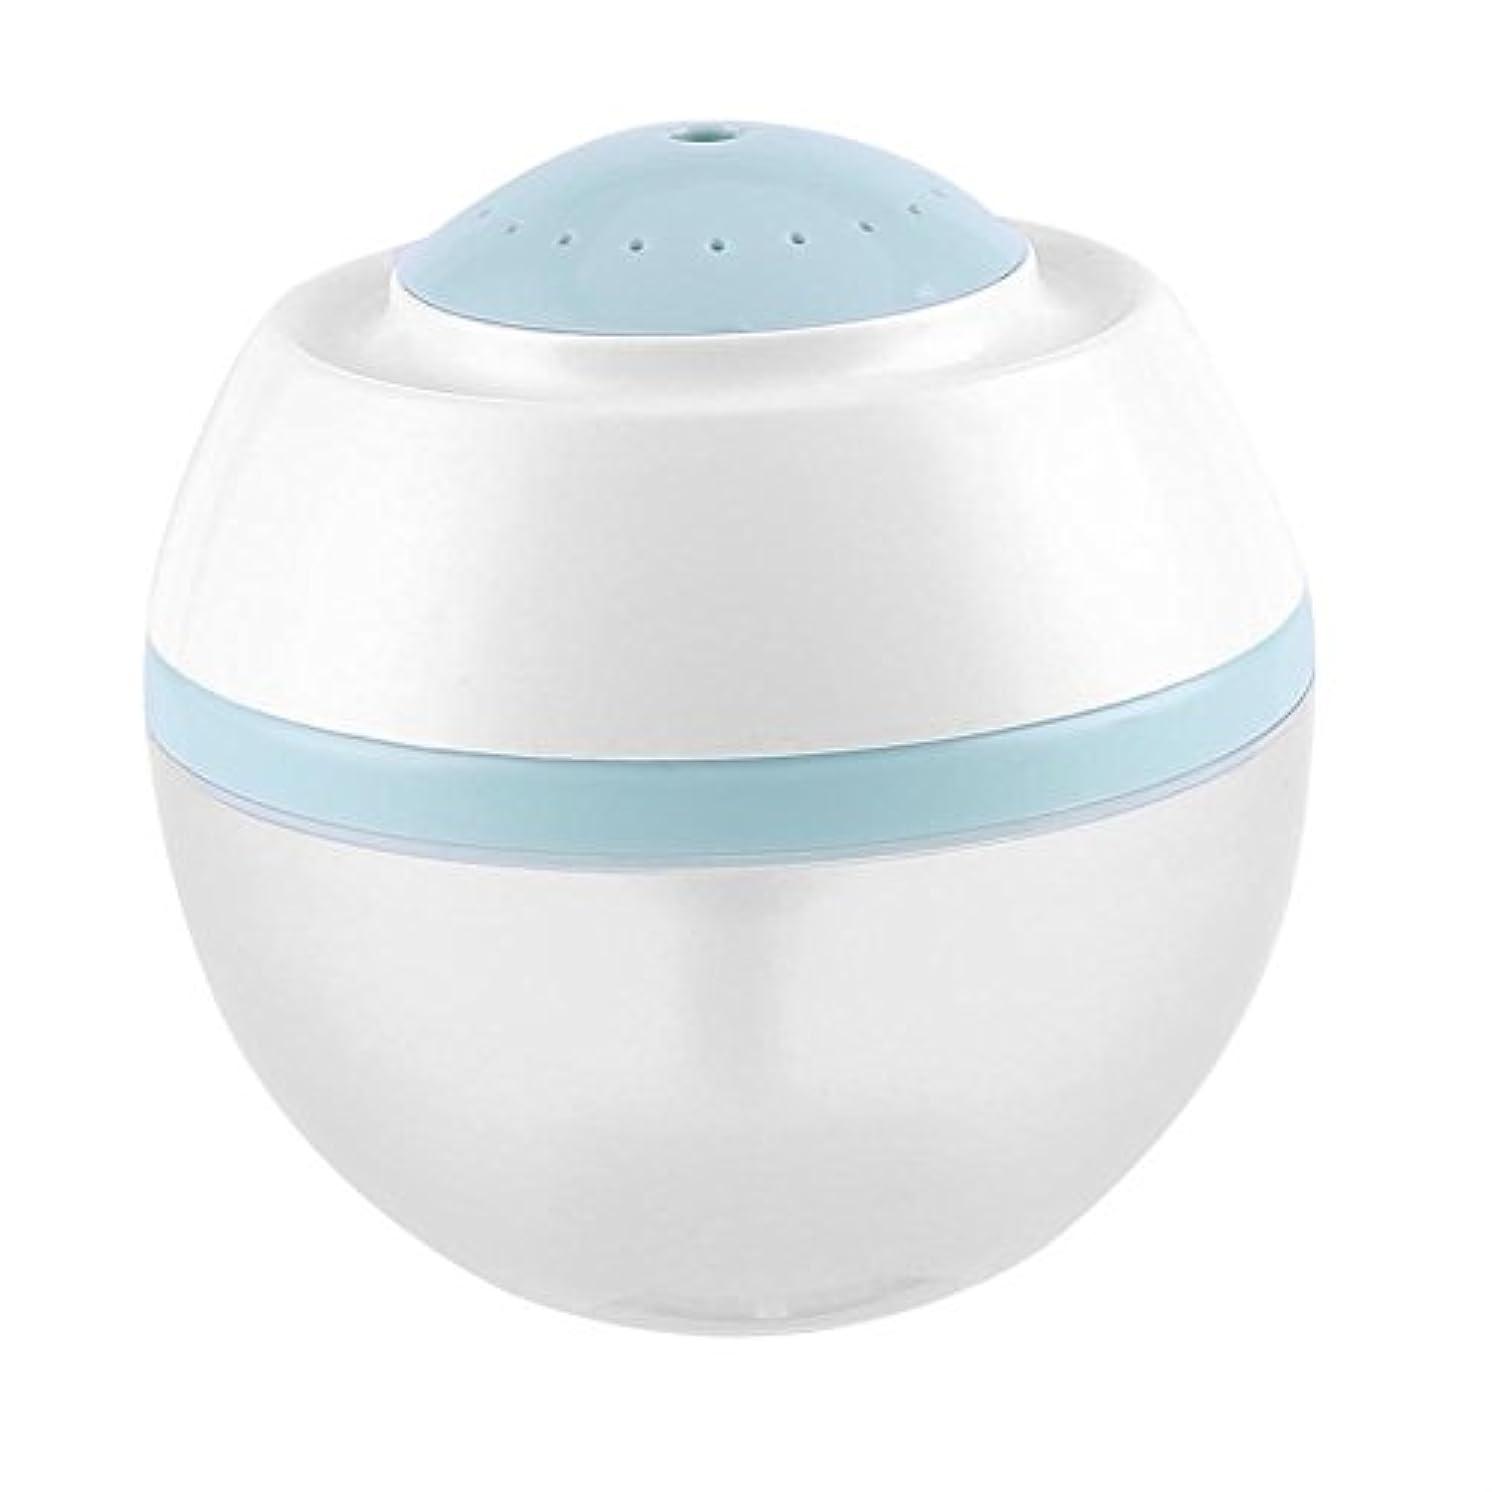 まばたきましい海峡超音波クールミスト加湿器、500ml空気清浄器気化器ディフューザー7色LED付きプレミアム加湿ユニット(青)